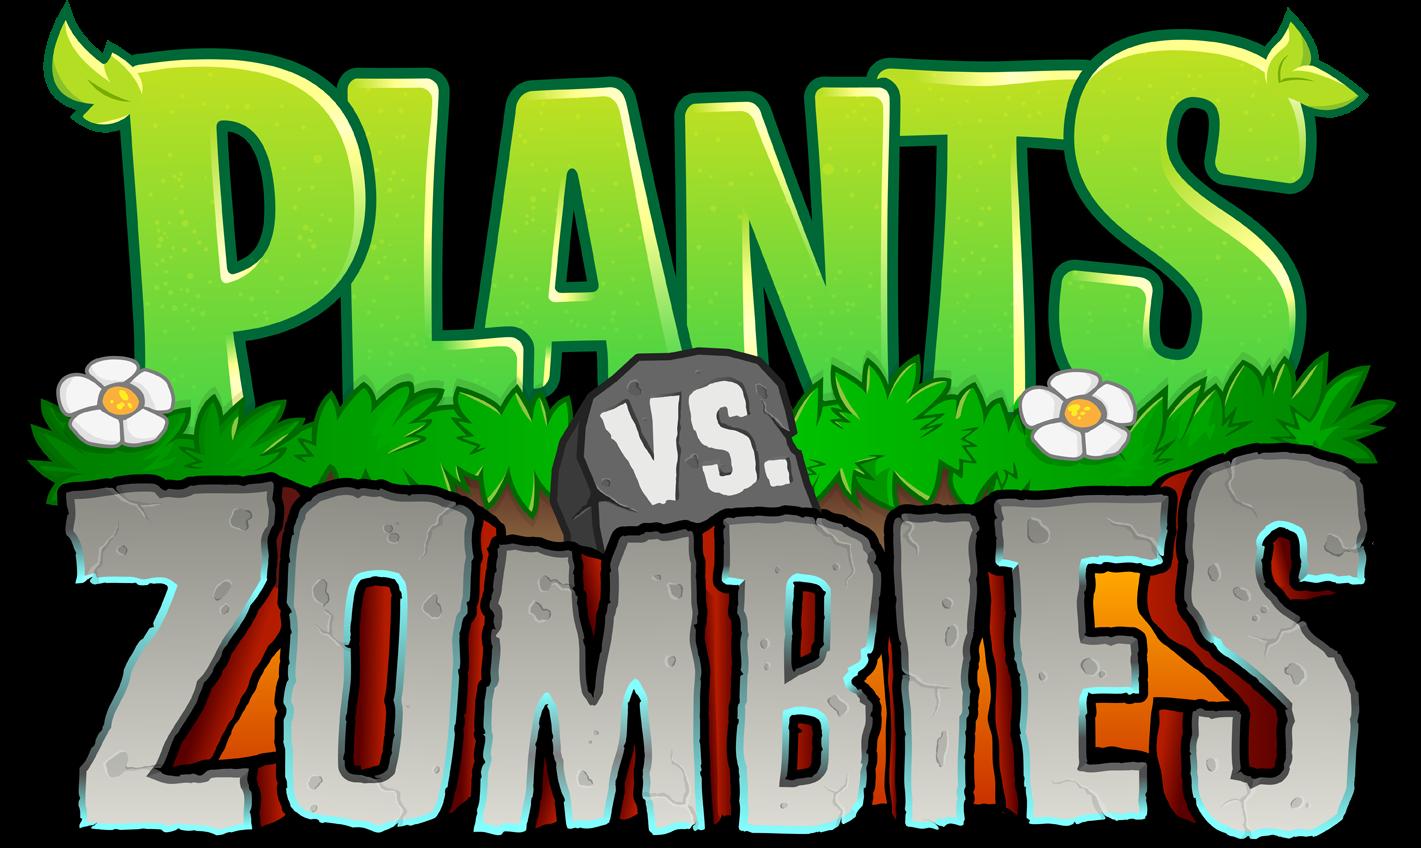 Plants vs zombies 2 popcap